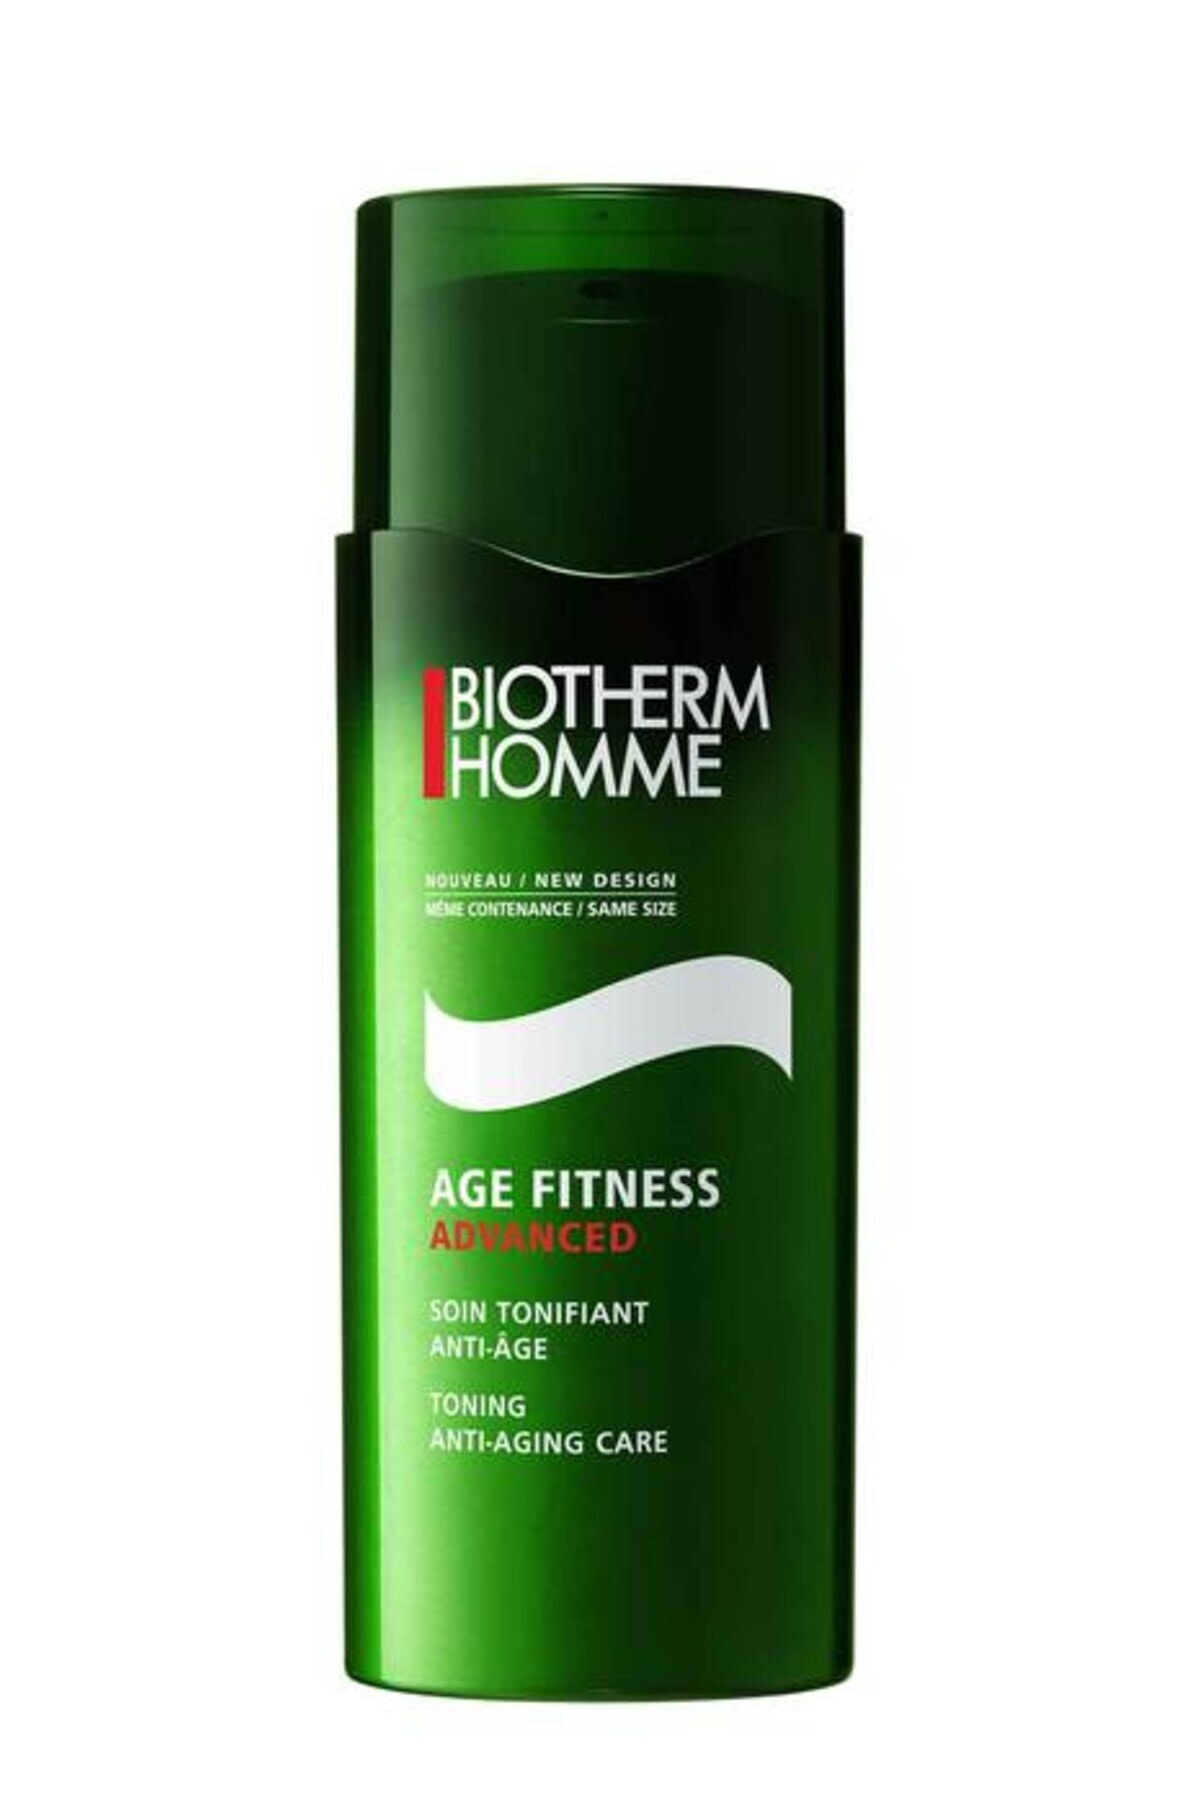 Biotherm Age Fitness Homme Erkekler Için Yaşlanma Karşıtı Günlük Nemlendirici 50 Ml 3605540891827 1